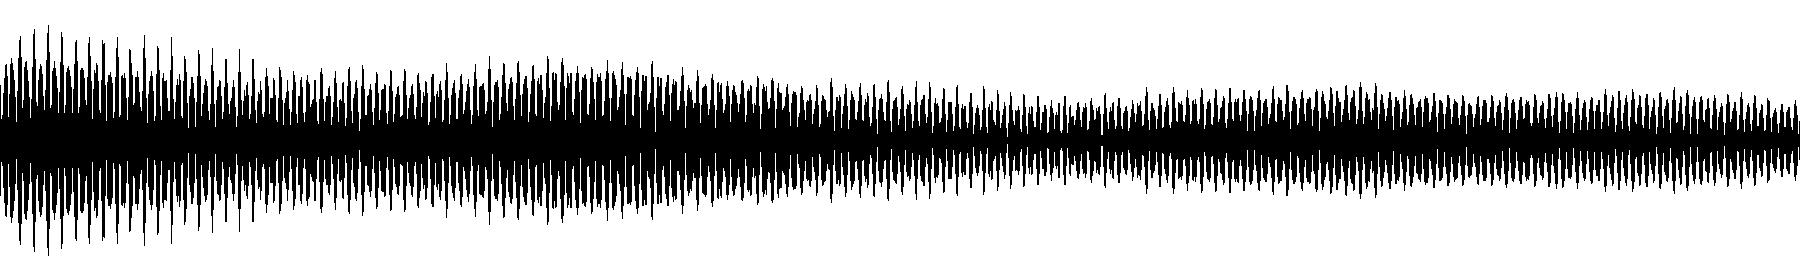 gia sound 25 c4